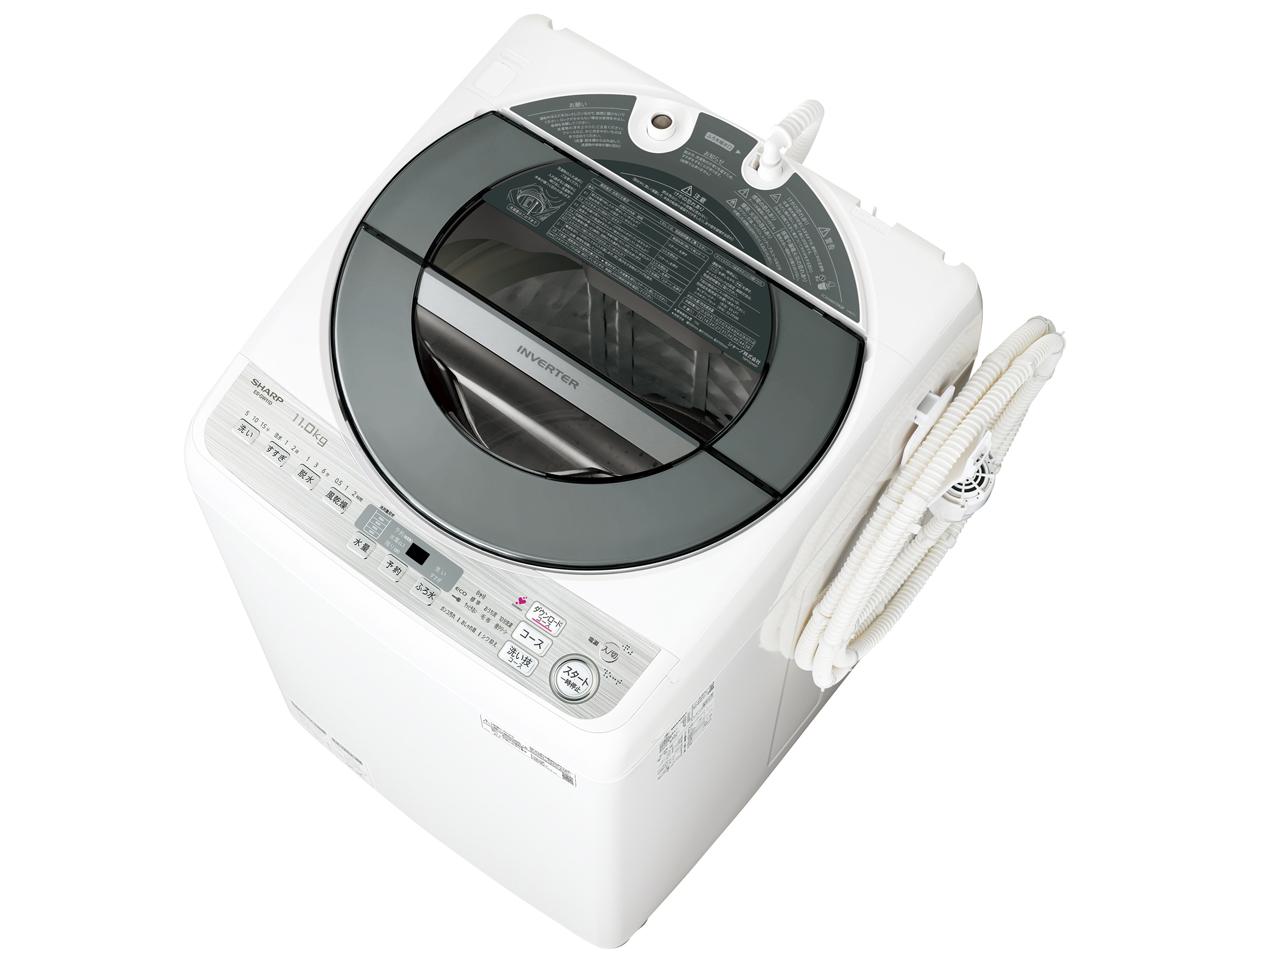 【新品/取寄品】【全国配送】【関東送料無料】【設置含む】シャープ ES-GW11D-S SHARP 11kg 風乾燥機能 大容量 インバーター制御 無線LAN対応 穴なしサイクロン洗浄